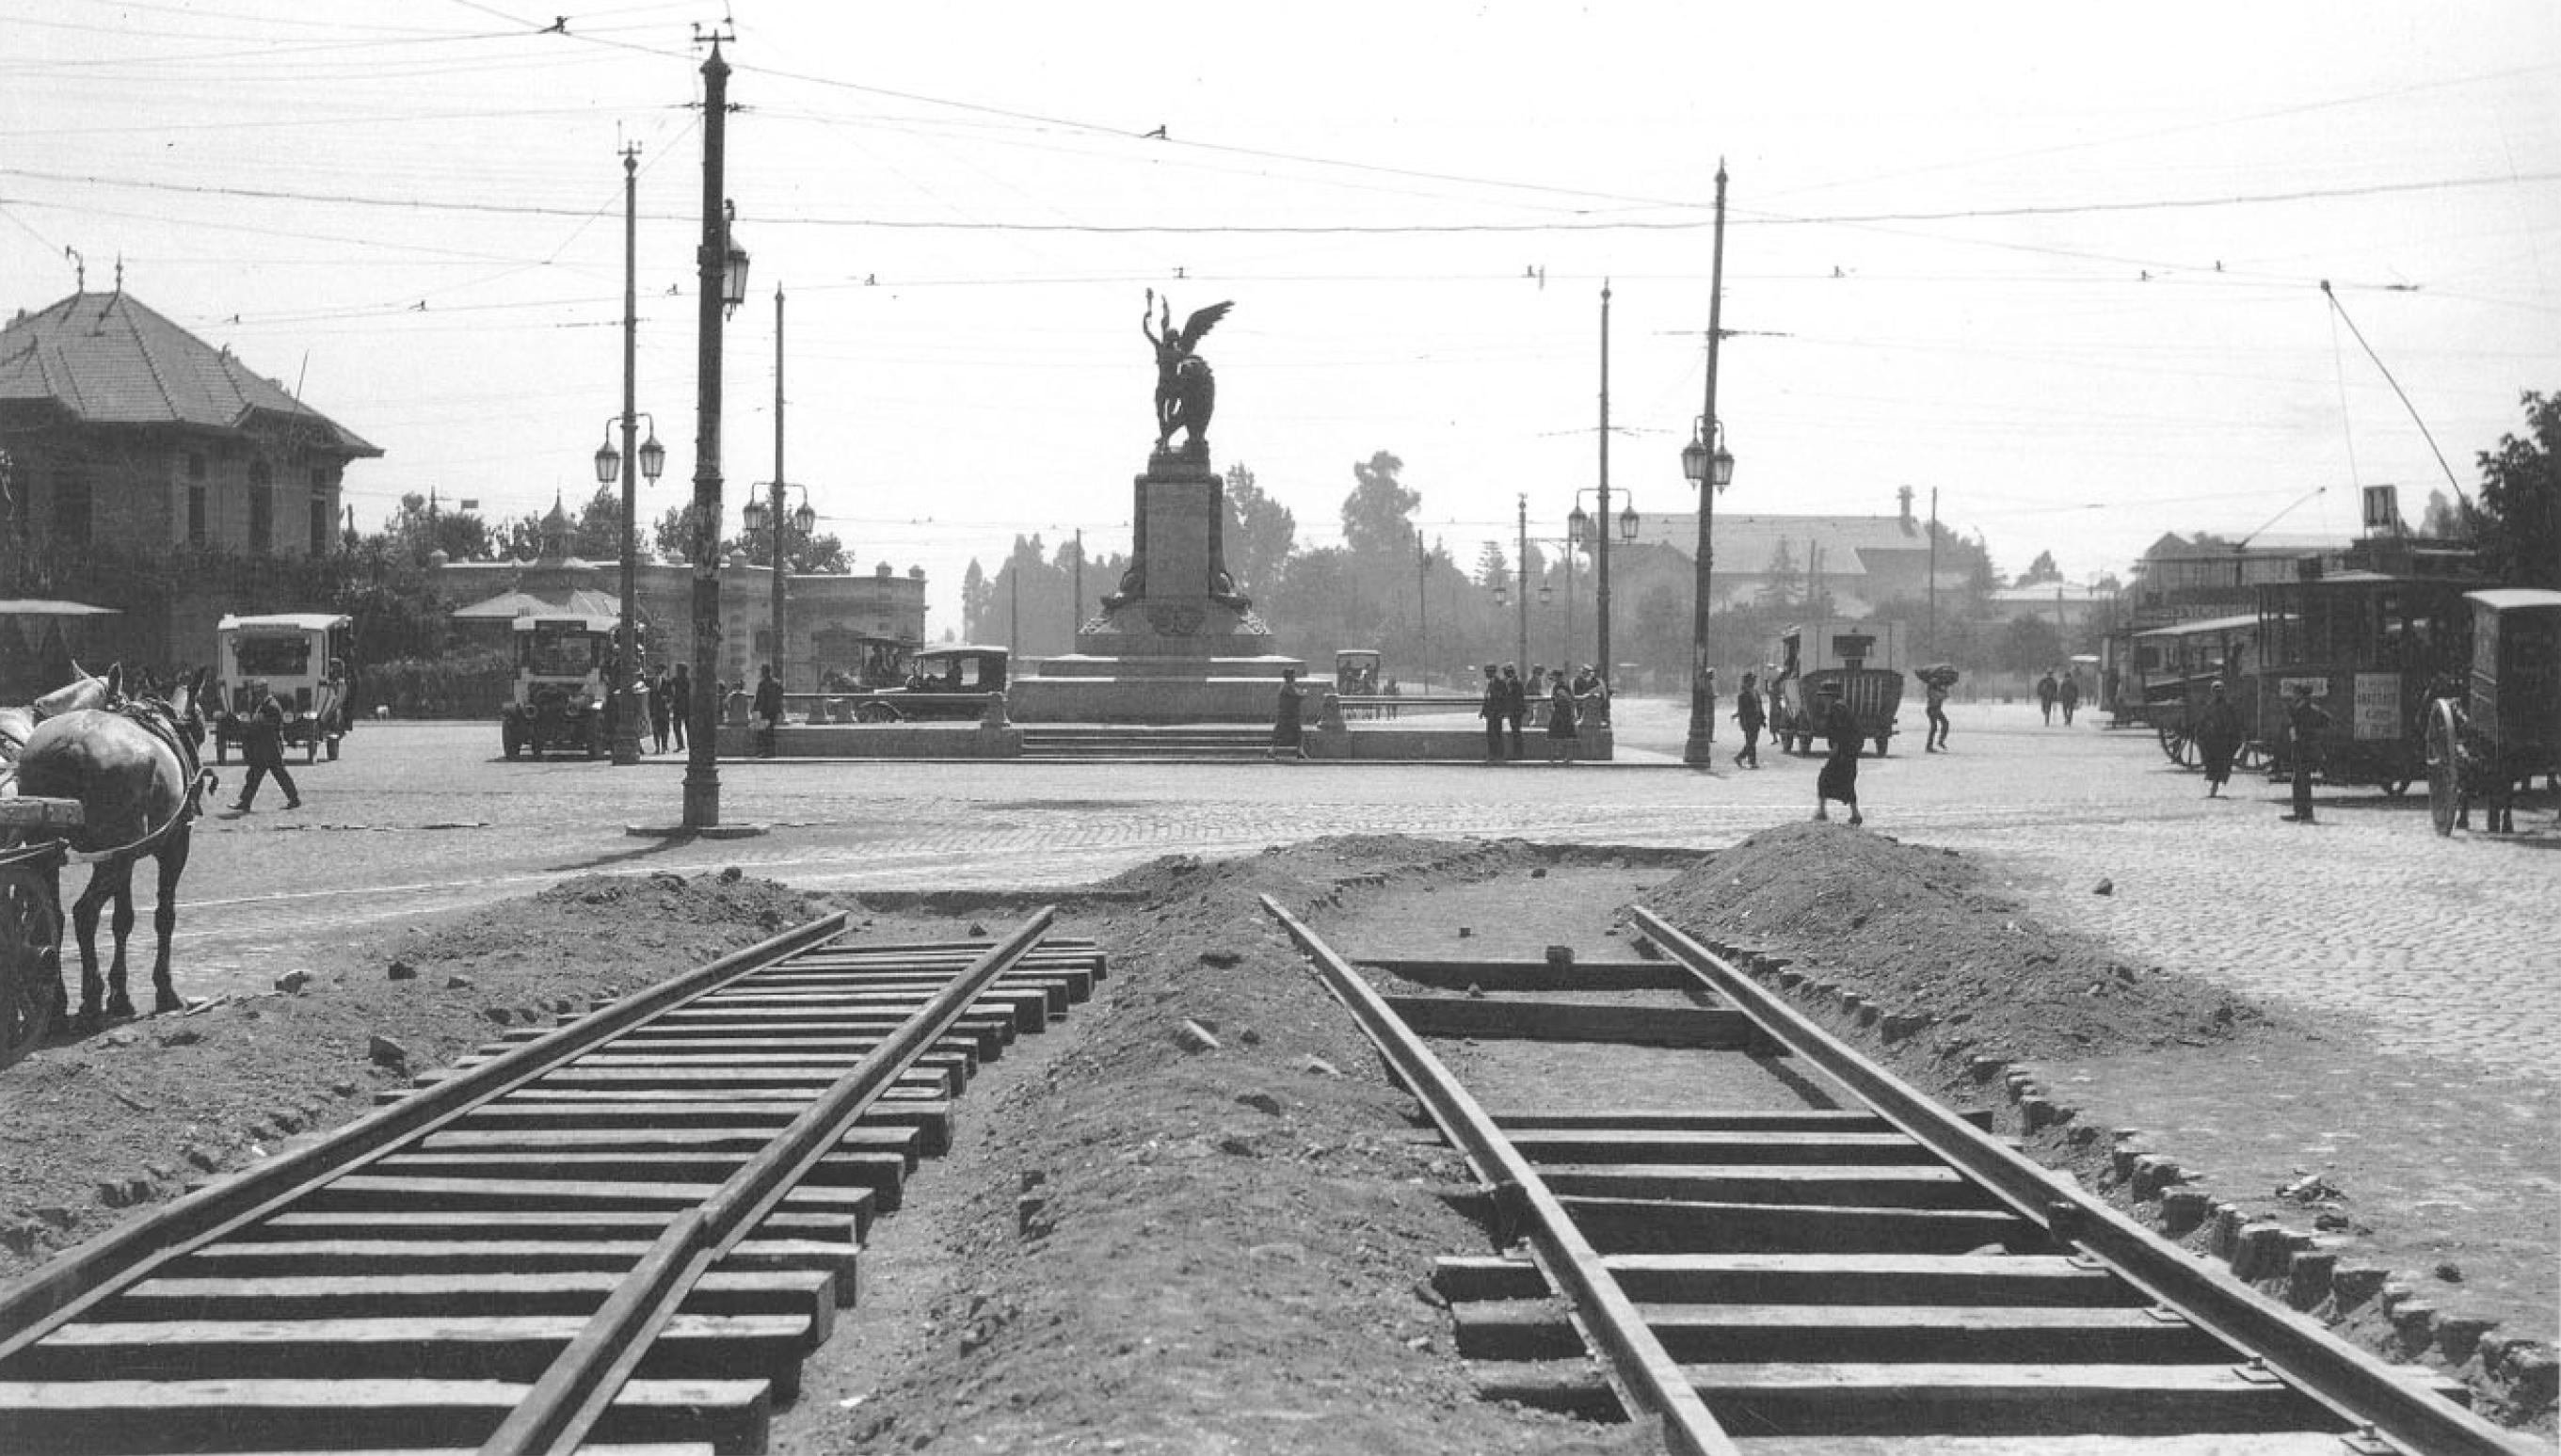 Enterreno - Fotos históricas de chile - fotos antiguas de Chile - Plaza Italia, año 1926